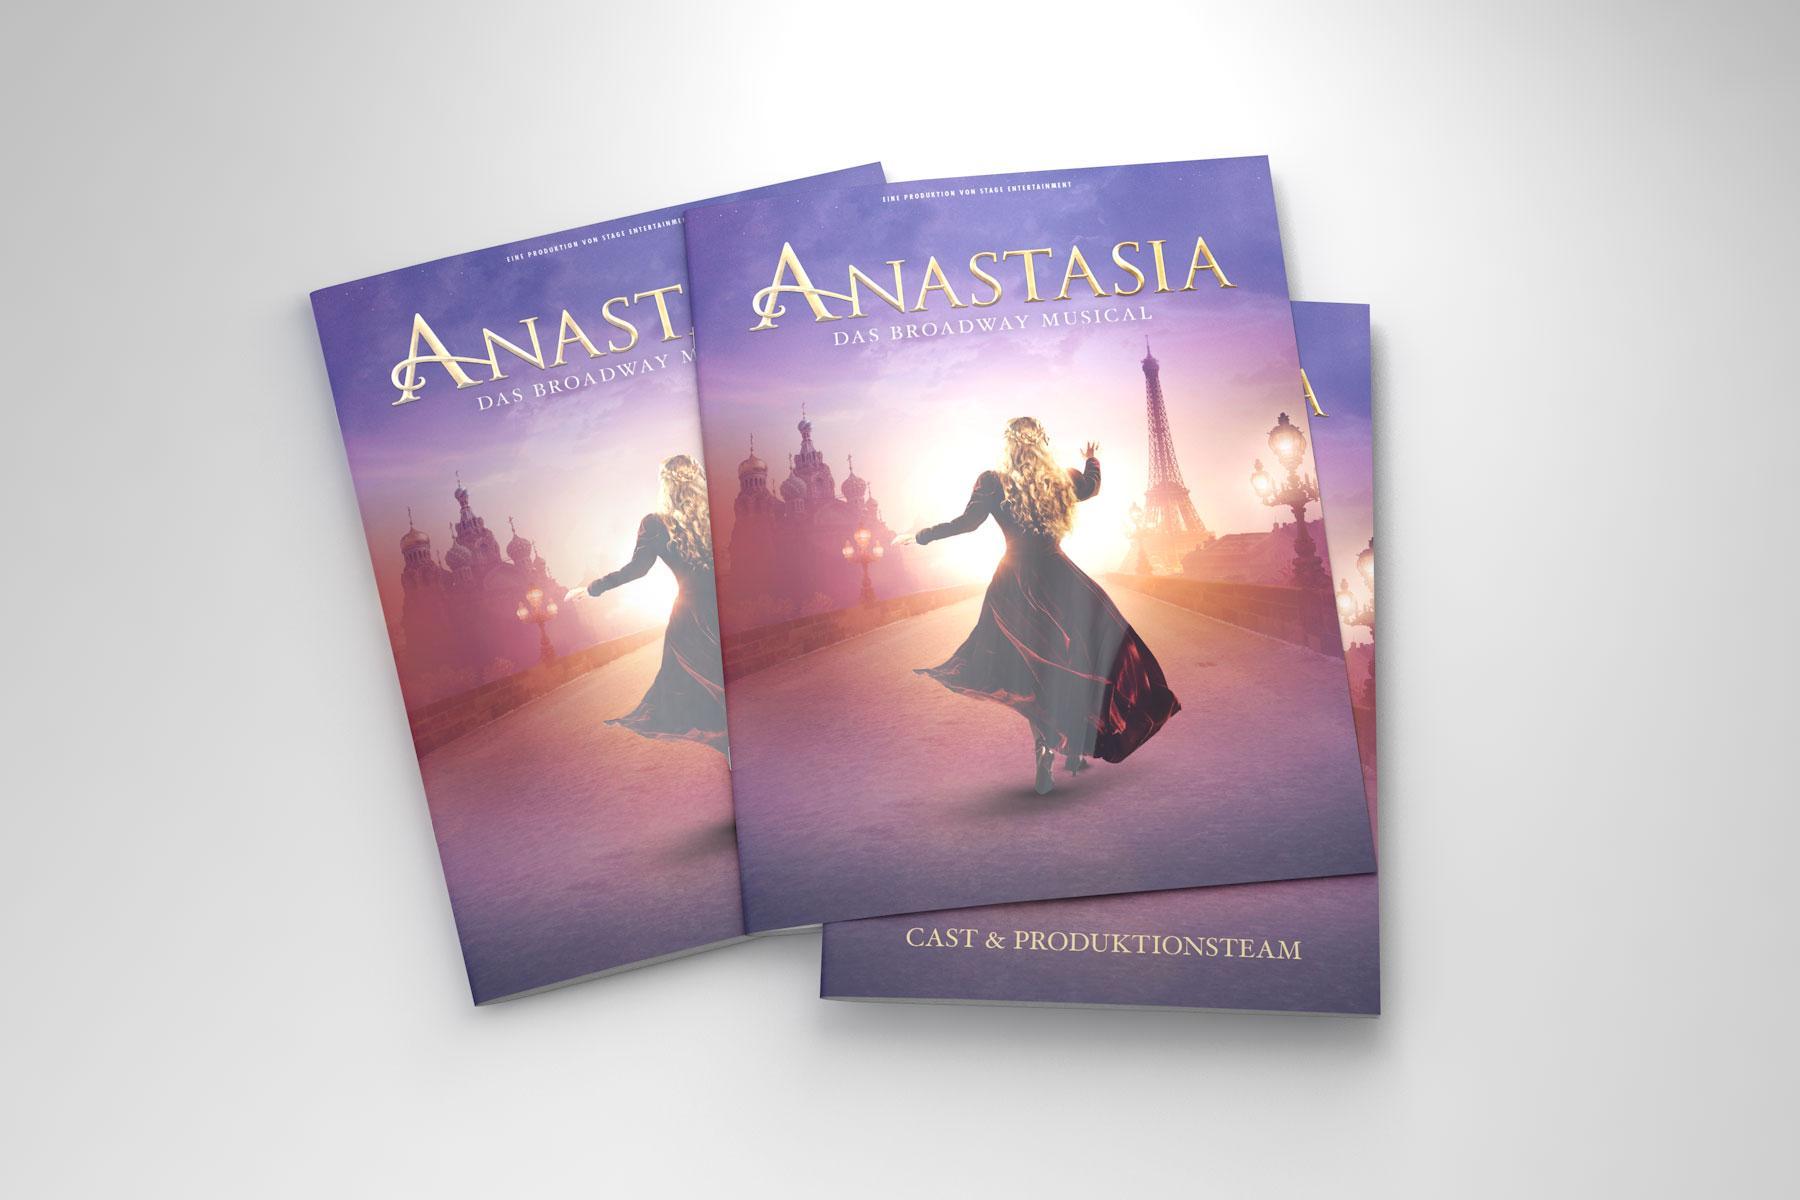 Anastasia Picturebook